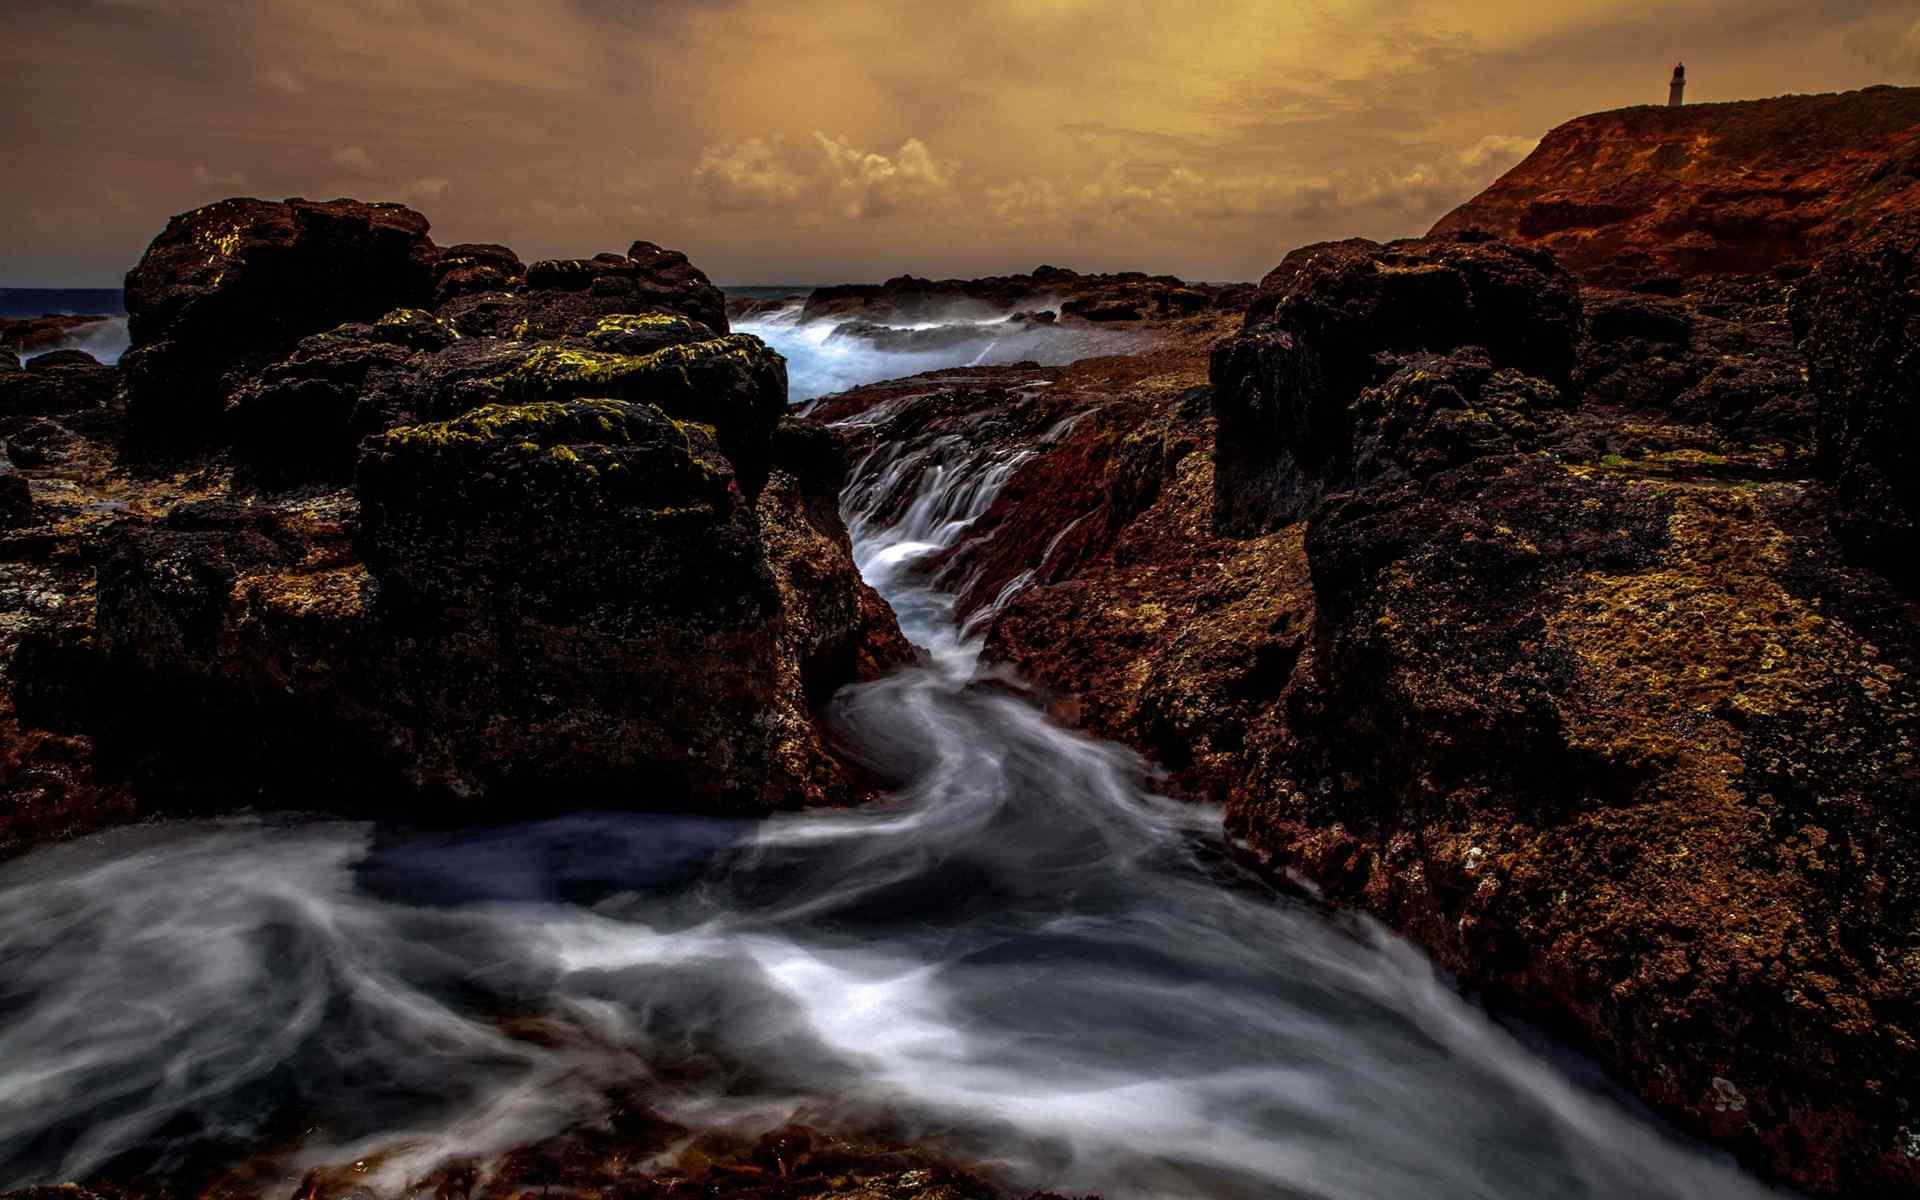 澳门云鼎:海水涨潮壮观风景桌面壁纸